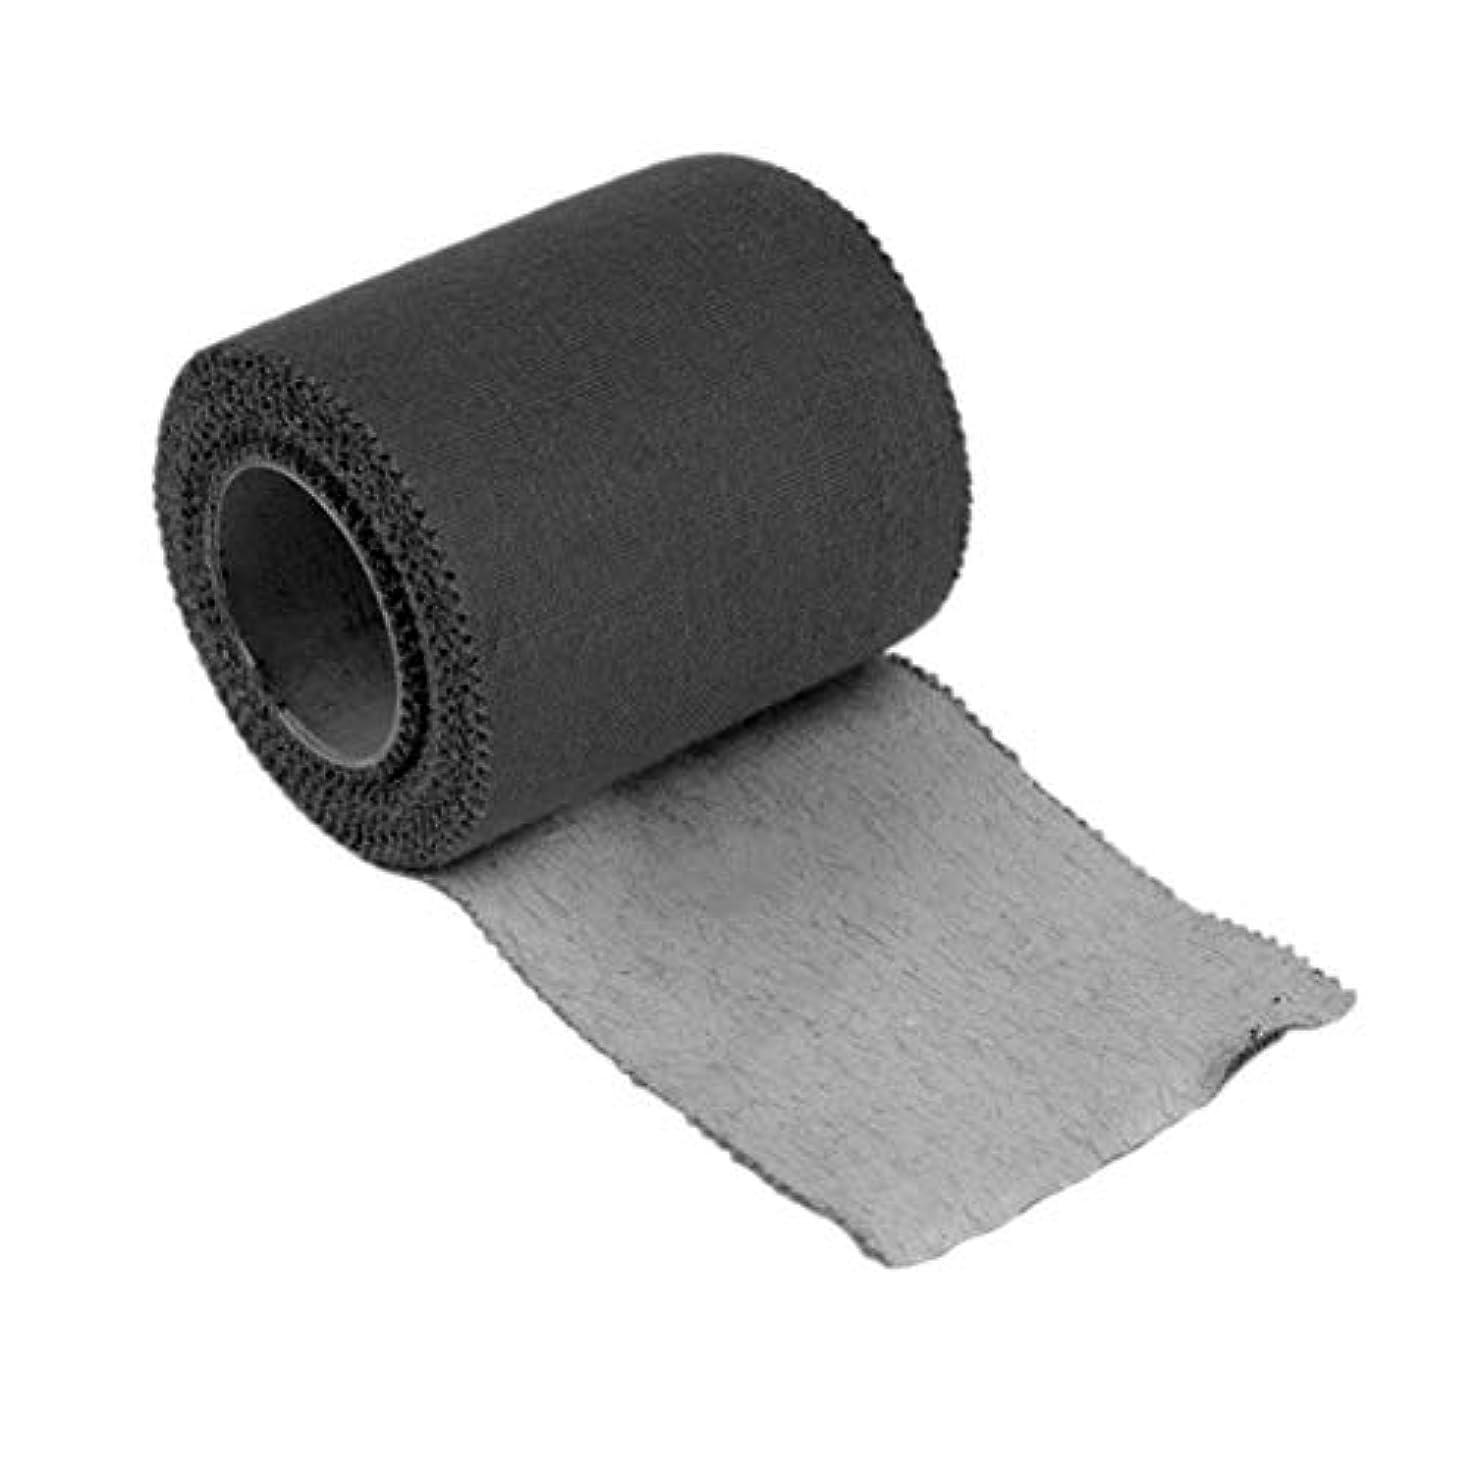 重なるペストリー見習い5cm * 5m治療用保護テープスポーツフィジオマッスルケアラップバンデージストラップ捻rainと緊張を抑えて腫れを抑える-ブラック5cm * 5m